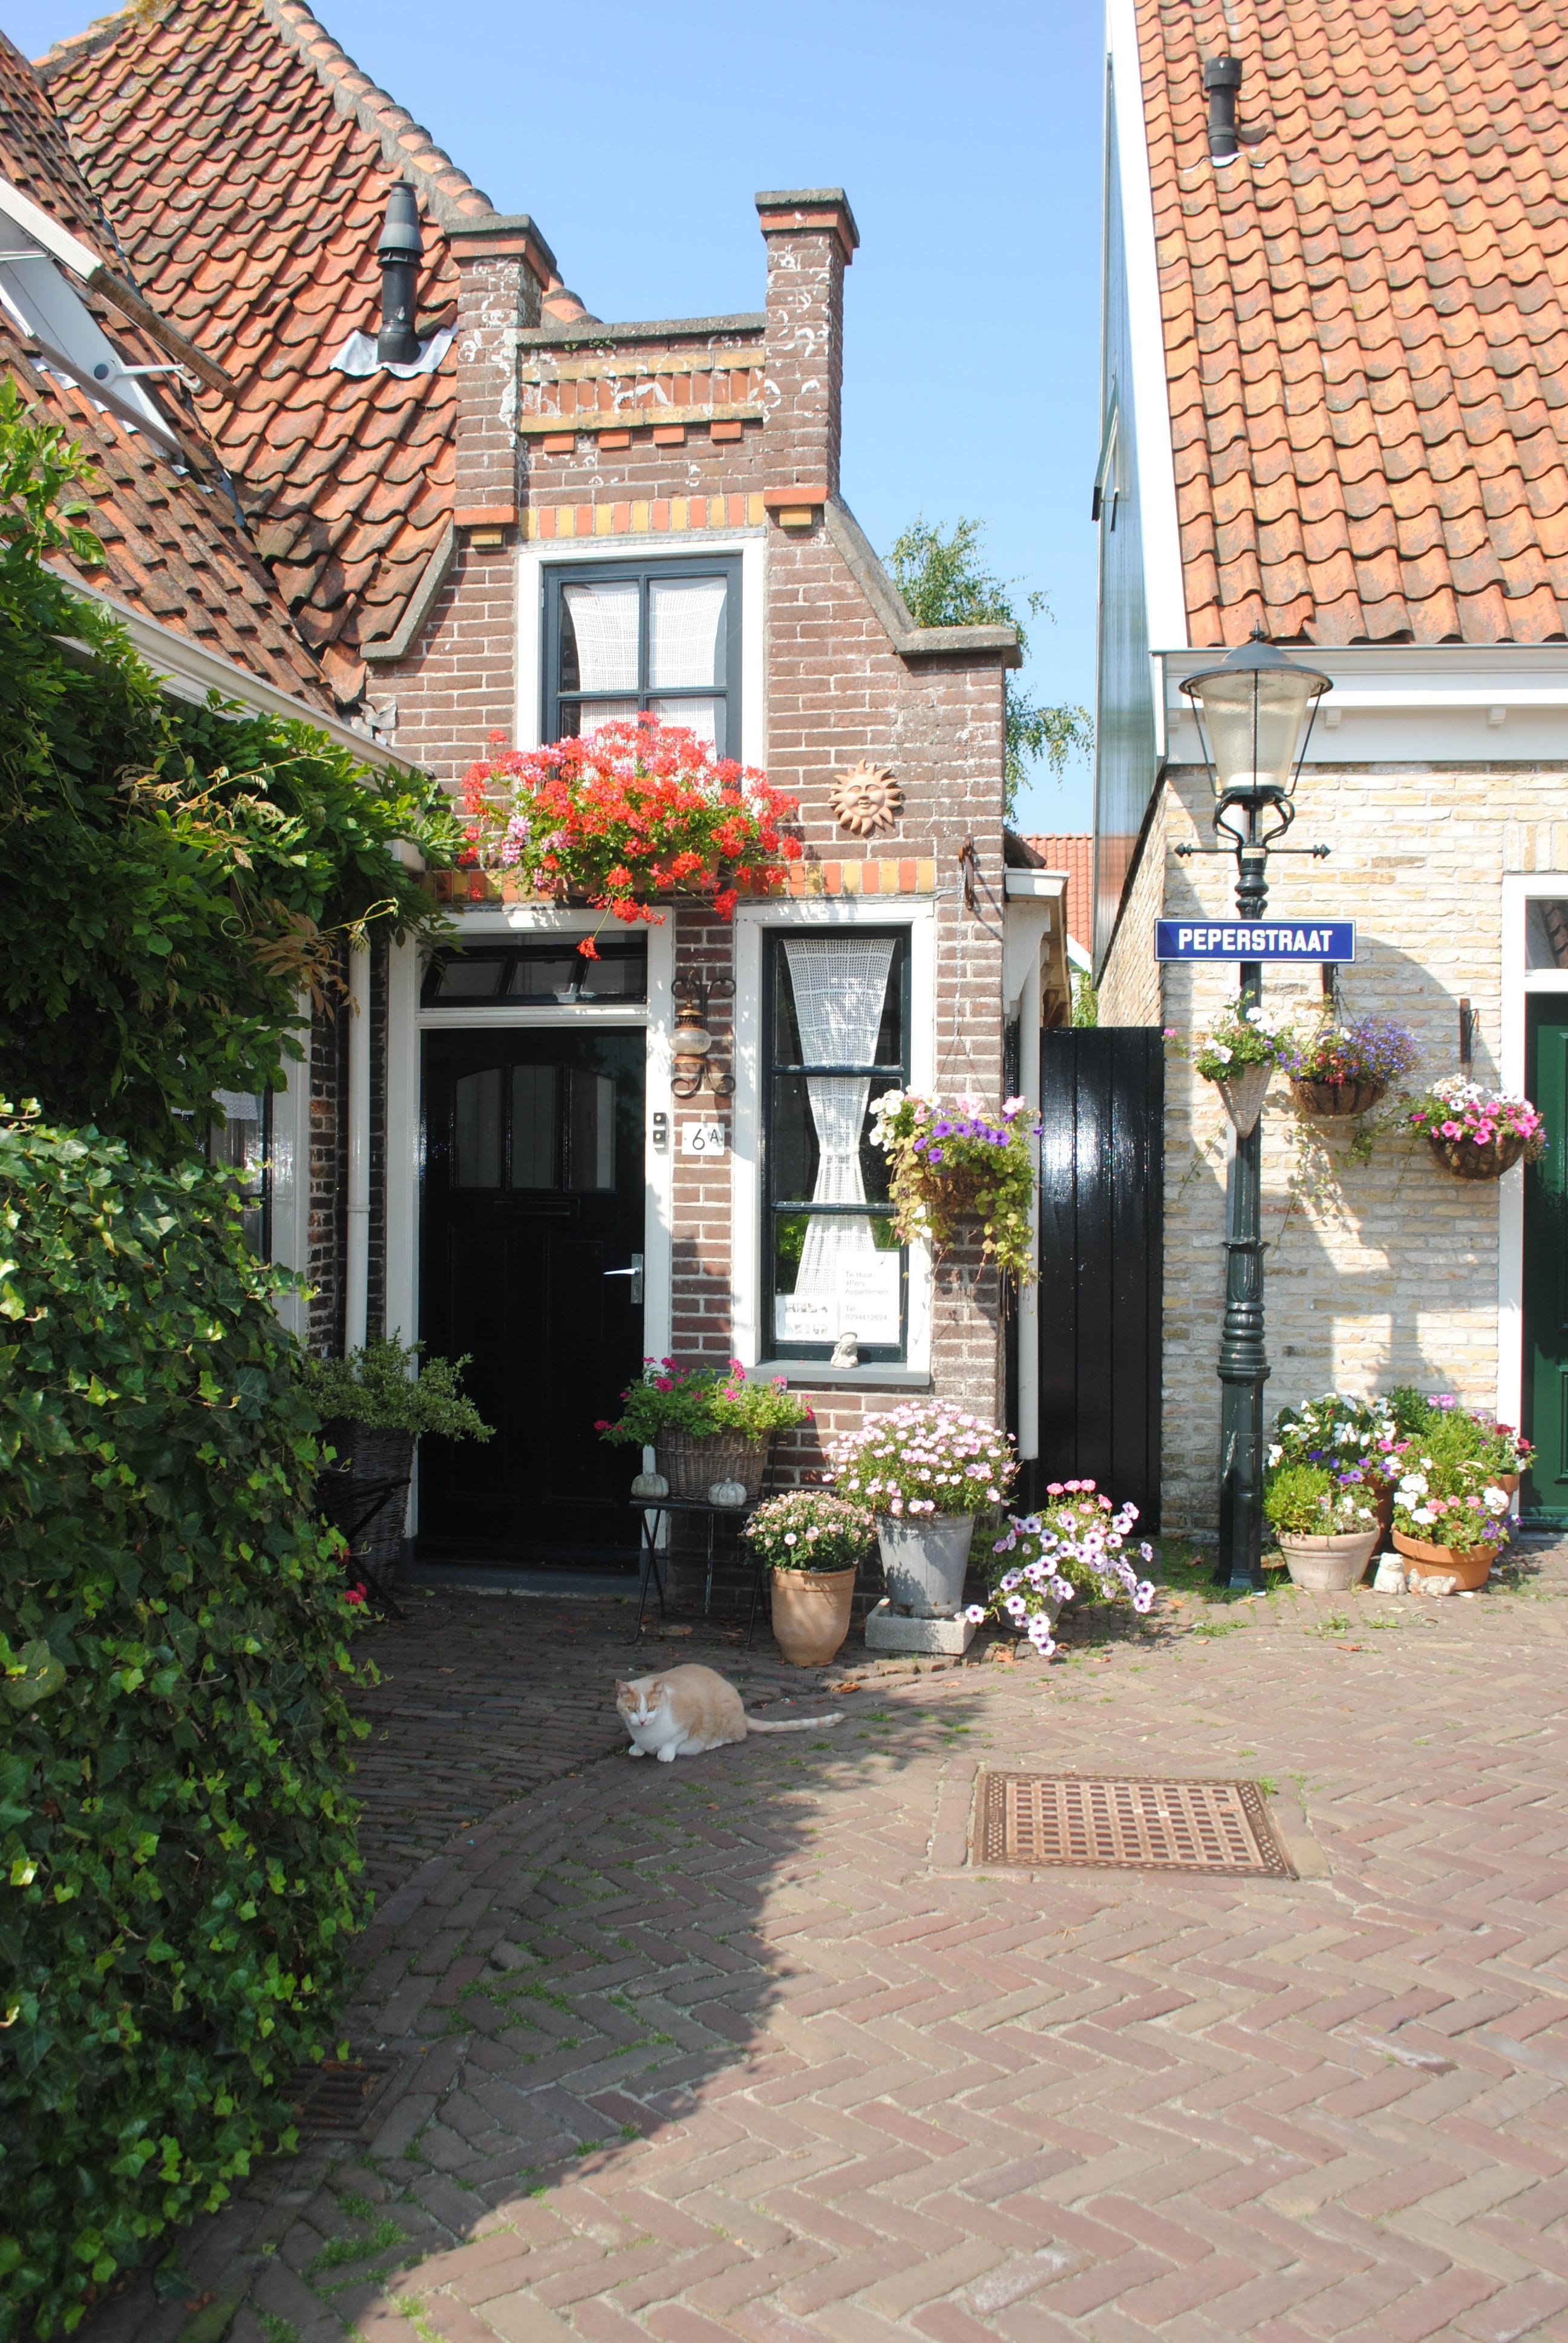 Mooie oude straatjes in Oosterend. Met poesje natuurlijk...